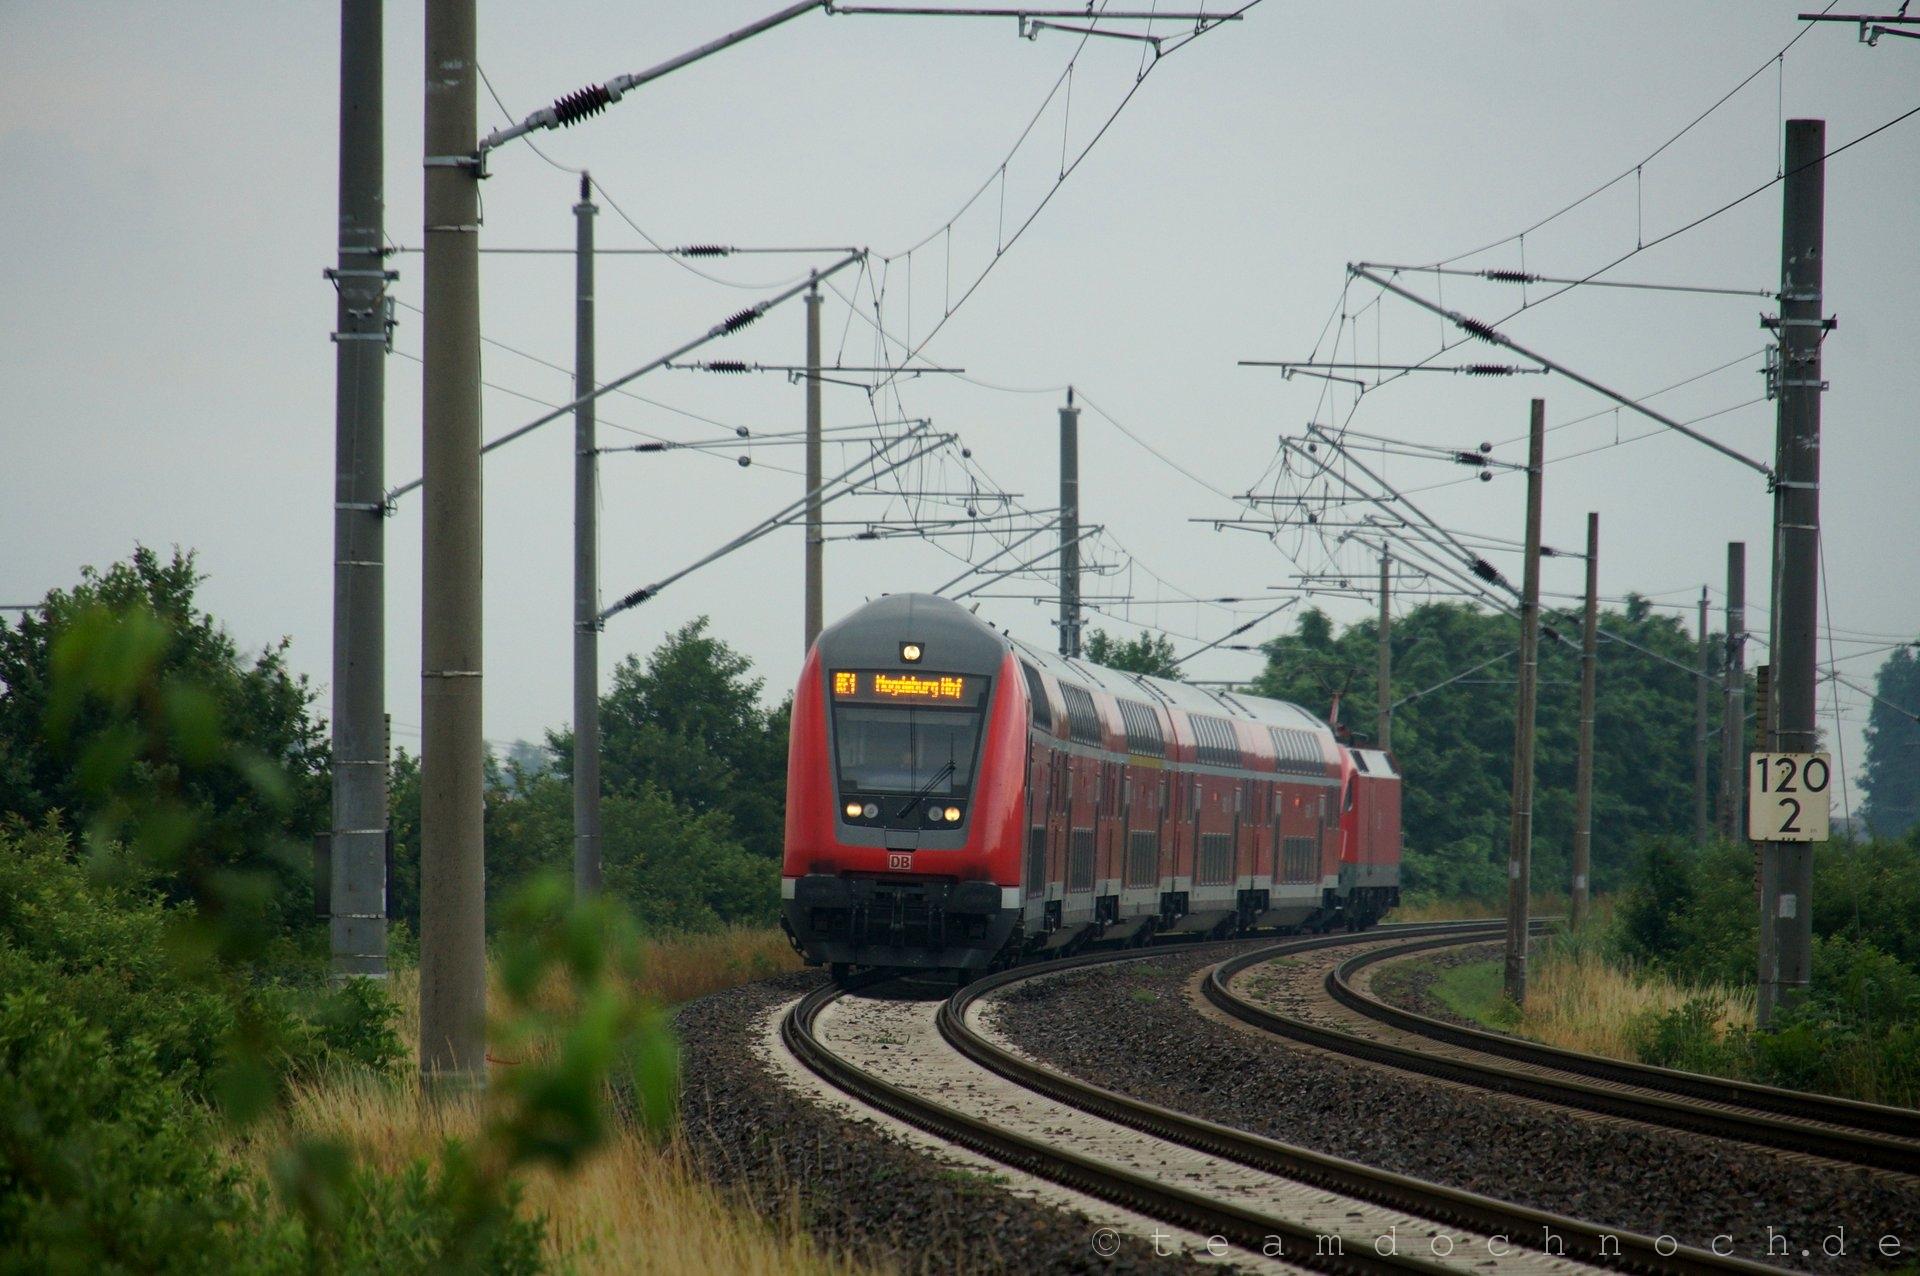 RE1 nach Magdeburg bei Breslack (Amt Neuzelle)